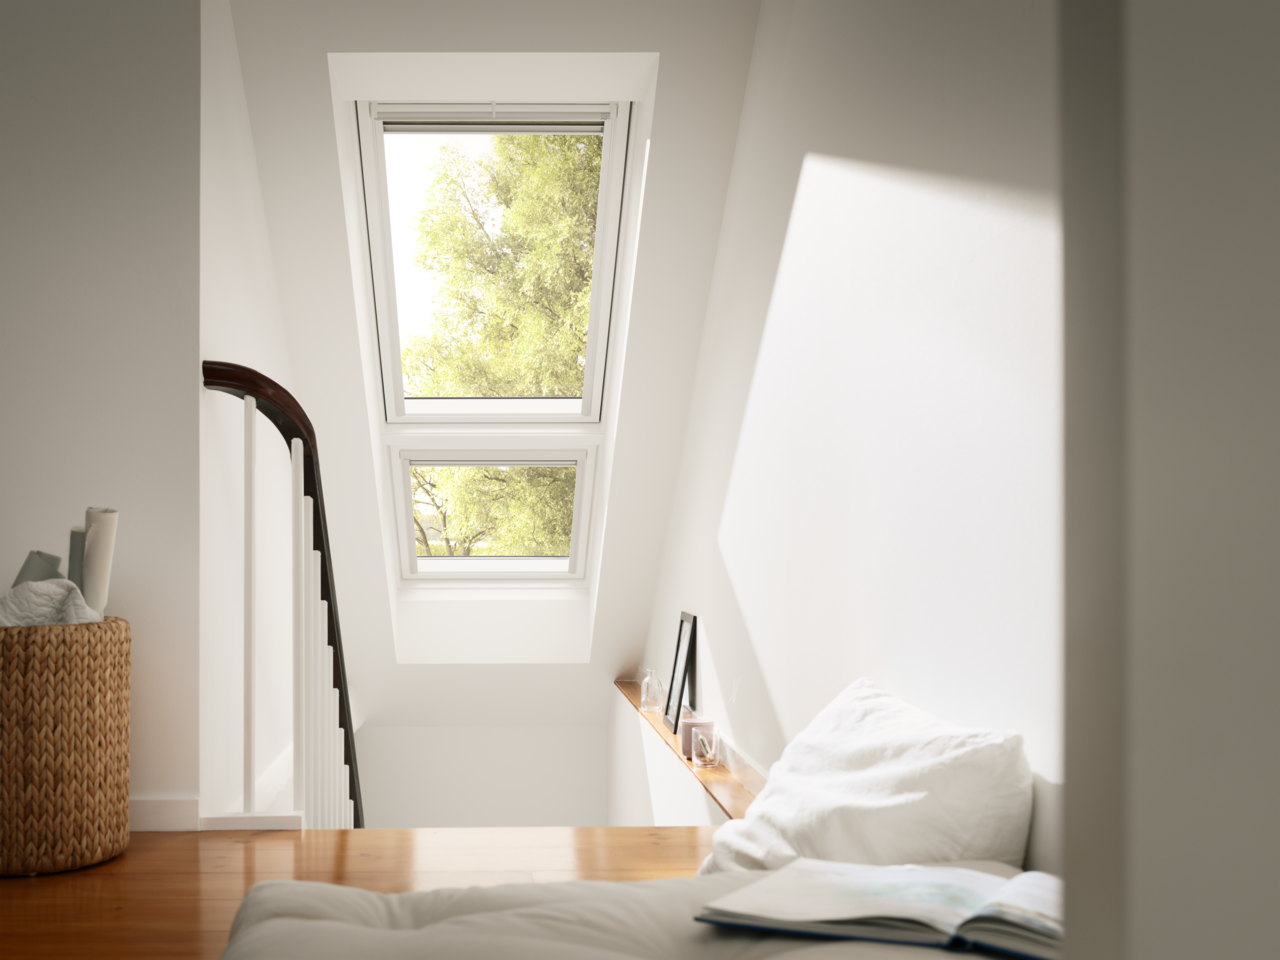 Materiali e finiture delle finestre velux - Quanto costa una finestra velux ...